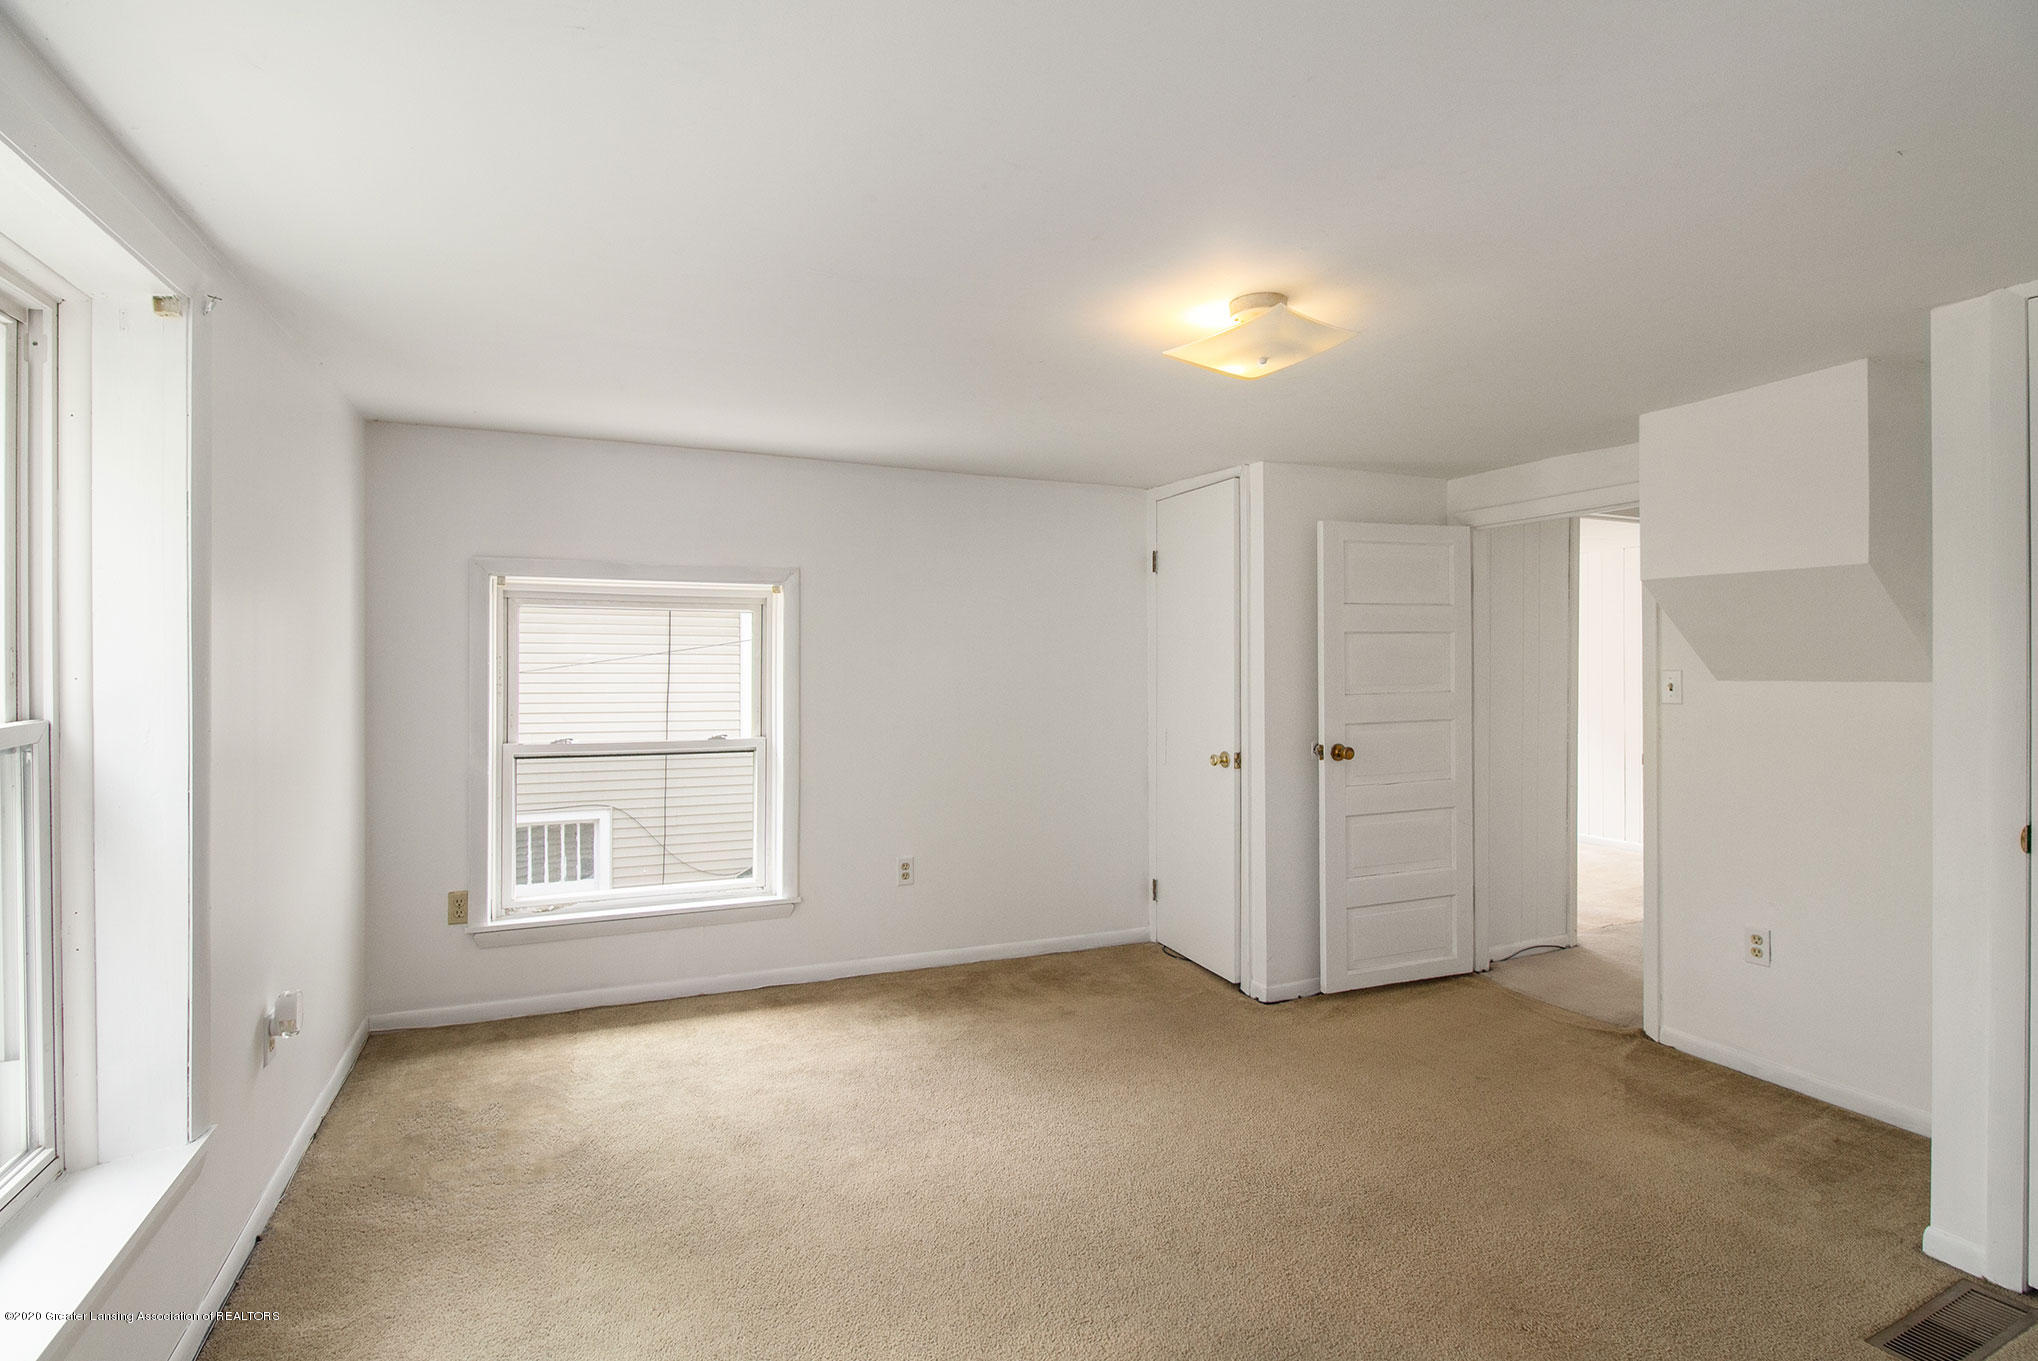 337 N Fairview Ave - 17 - 20